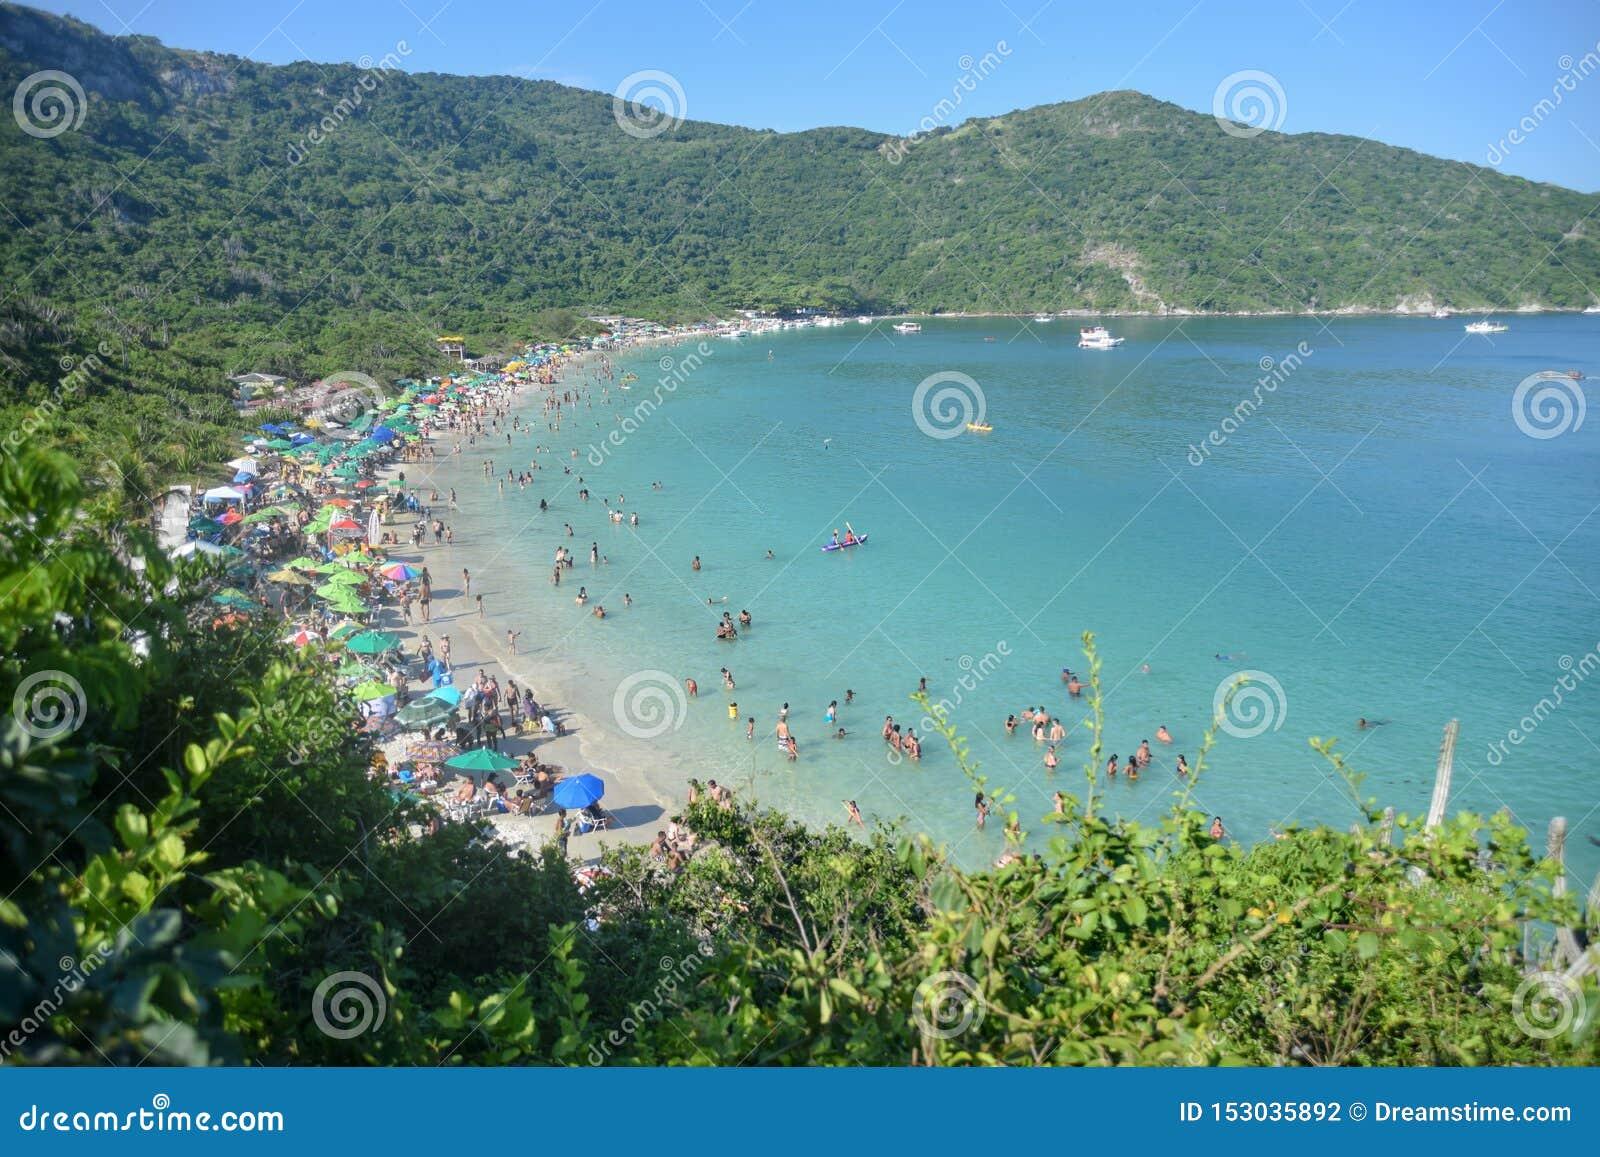 Όμορφη τροπική παραλία με τη σμαραγδένια και διαφανή θάλασσα